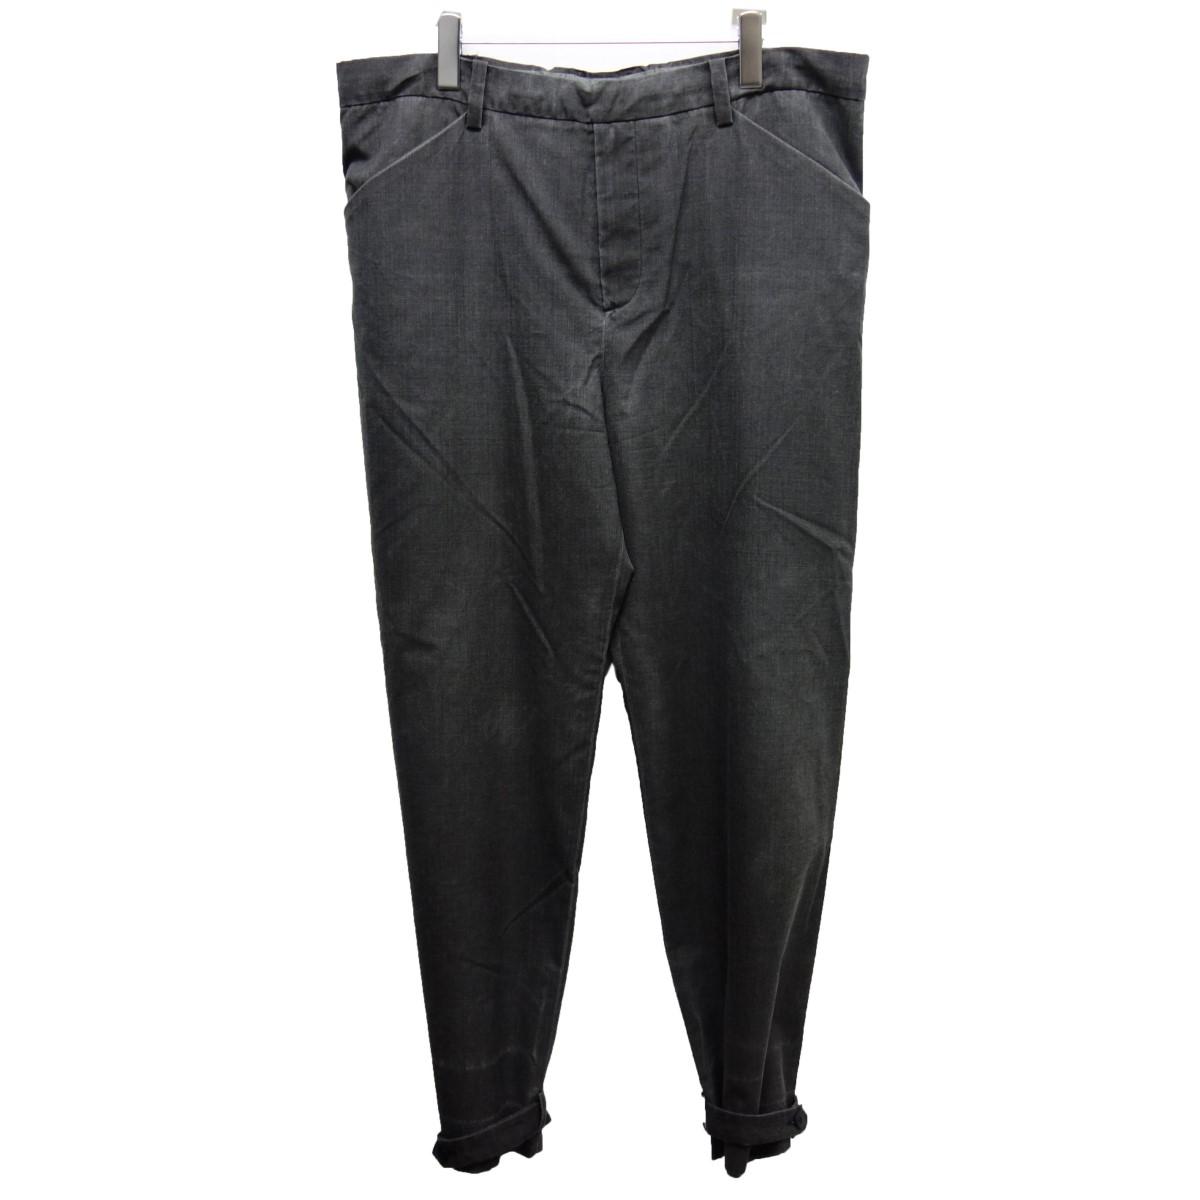 【中古】sunsea15AW 「painted wool pants」 ペインテッド ウールパンツ グレー サイズ:3【2月24日見直し】